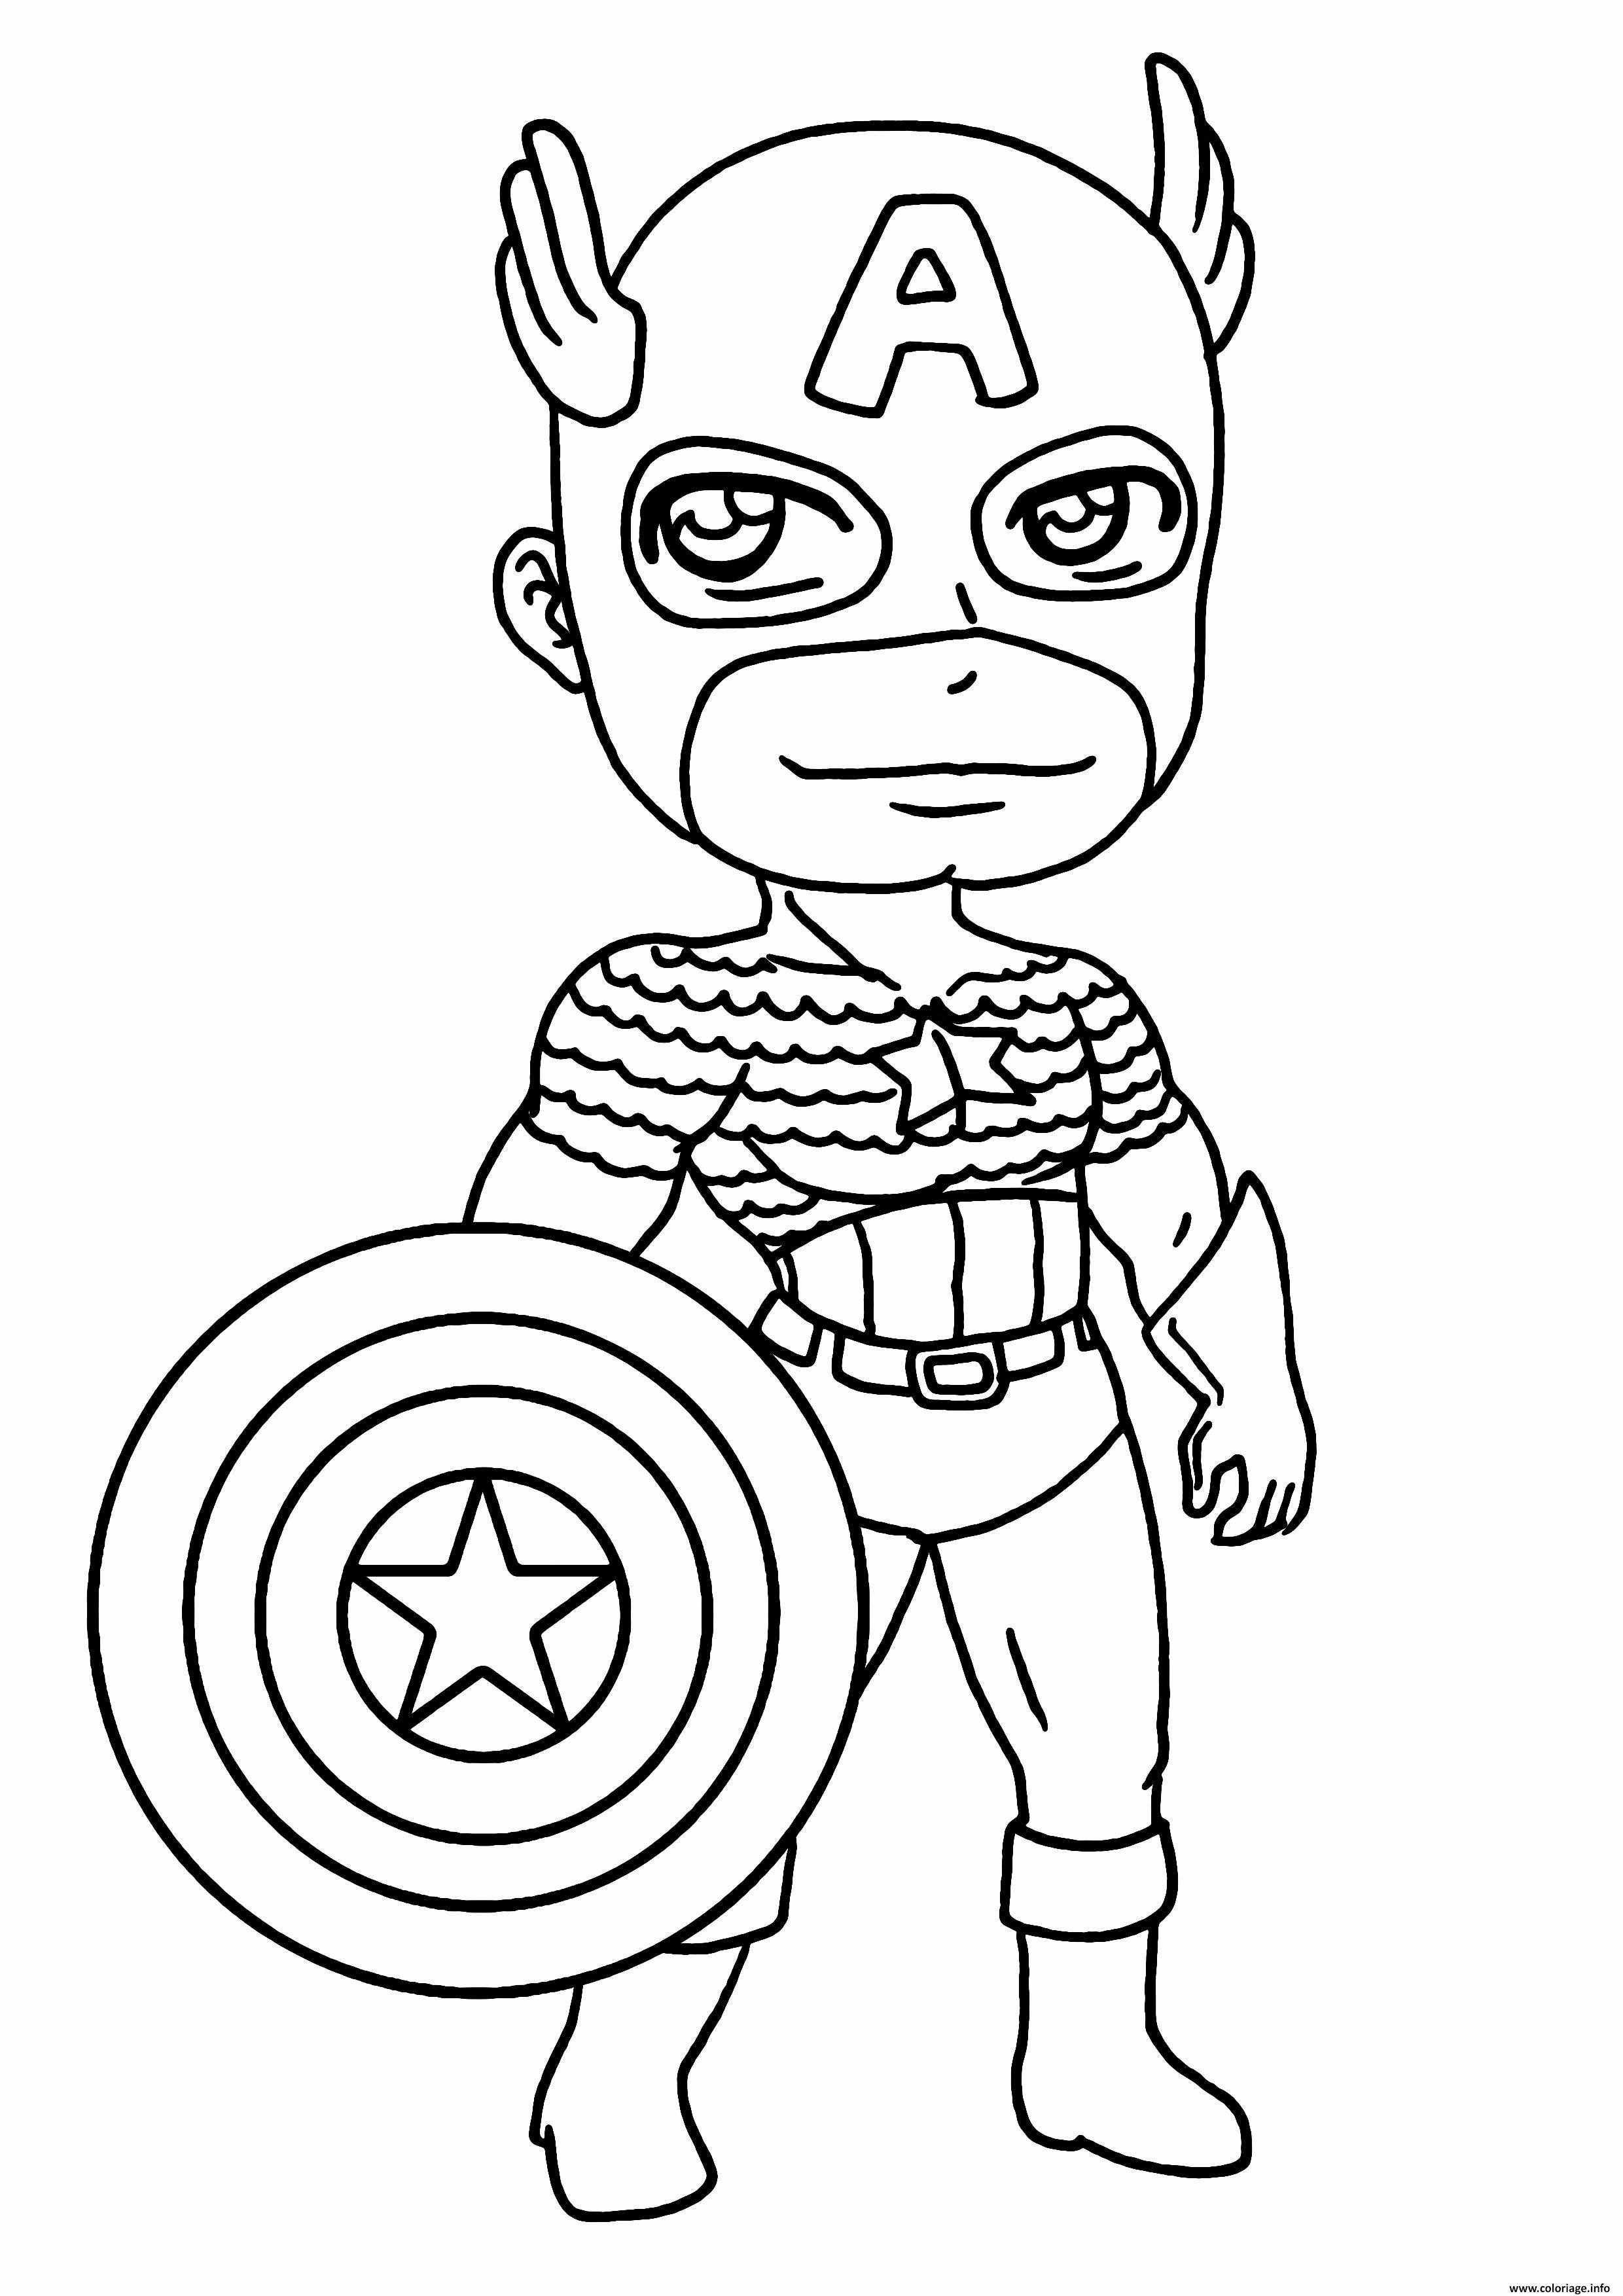 Coloriage Garcon.Coloriage Garcon Super Heros Capitaine America Jecolorie Com